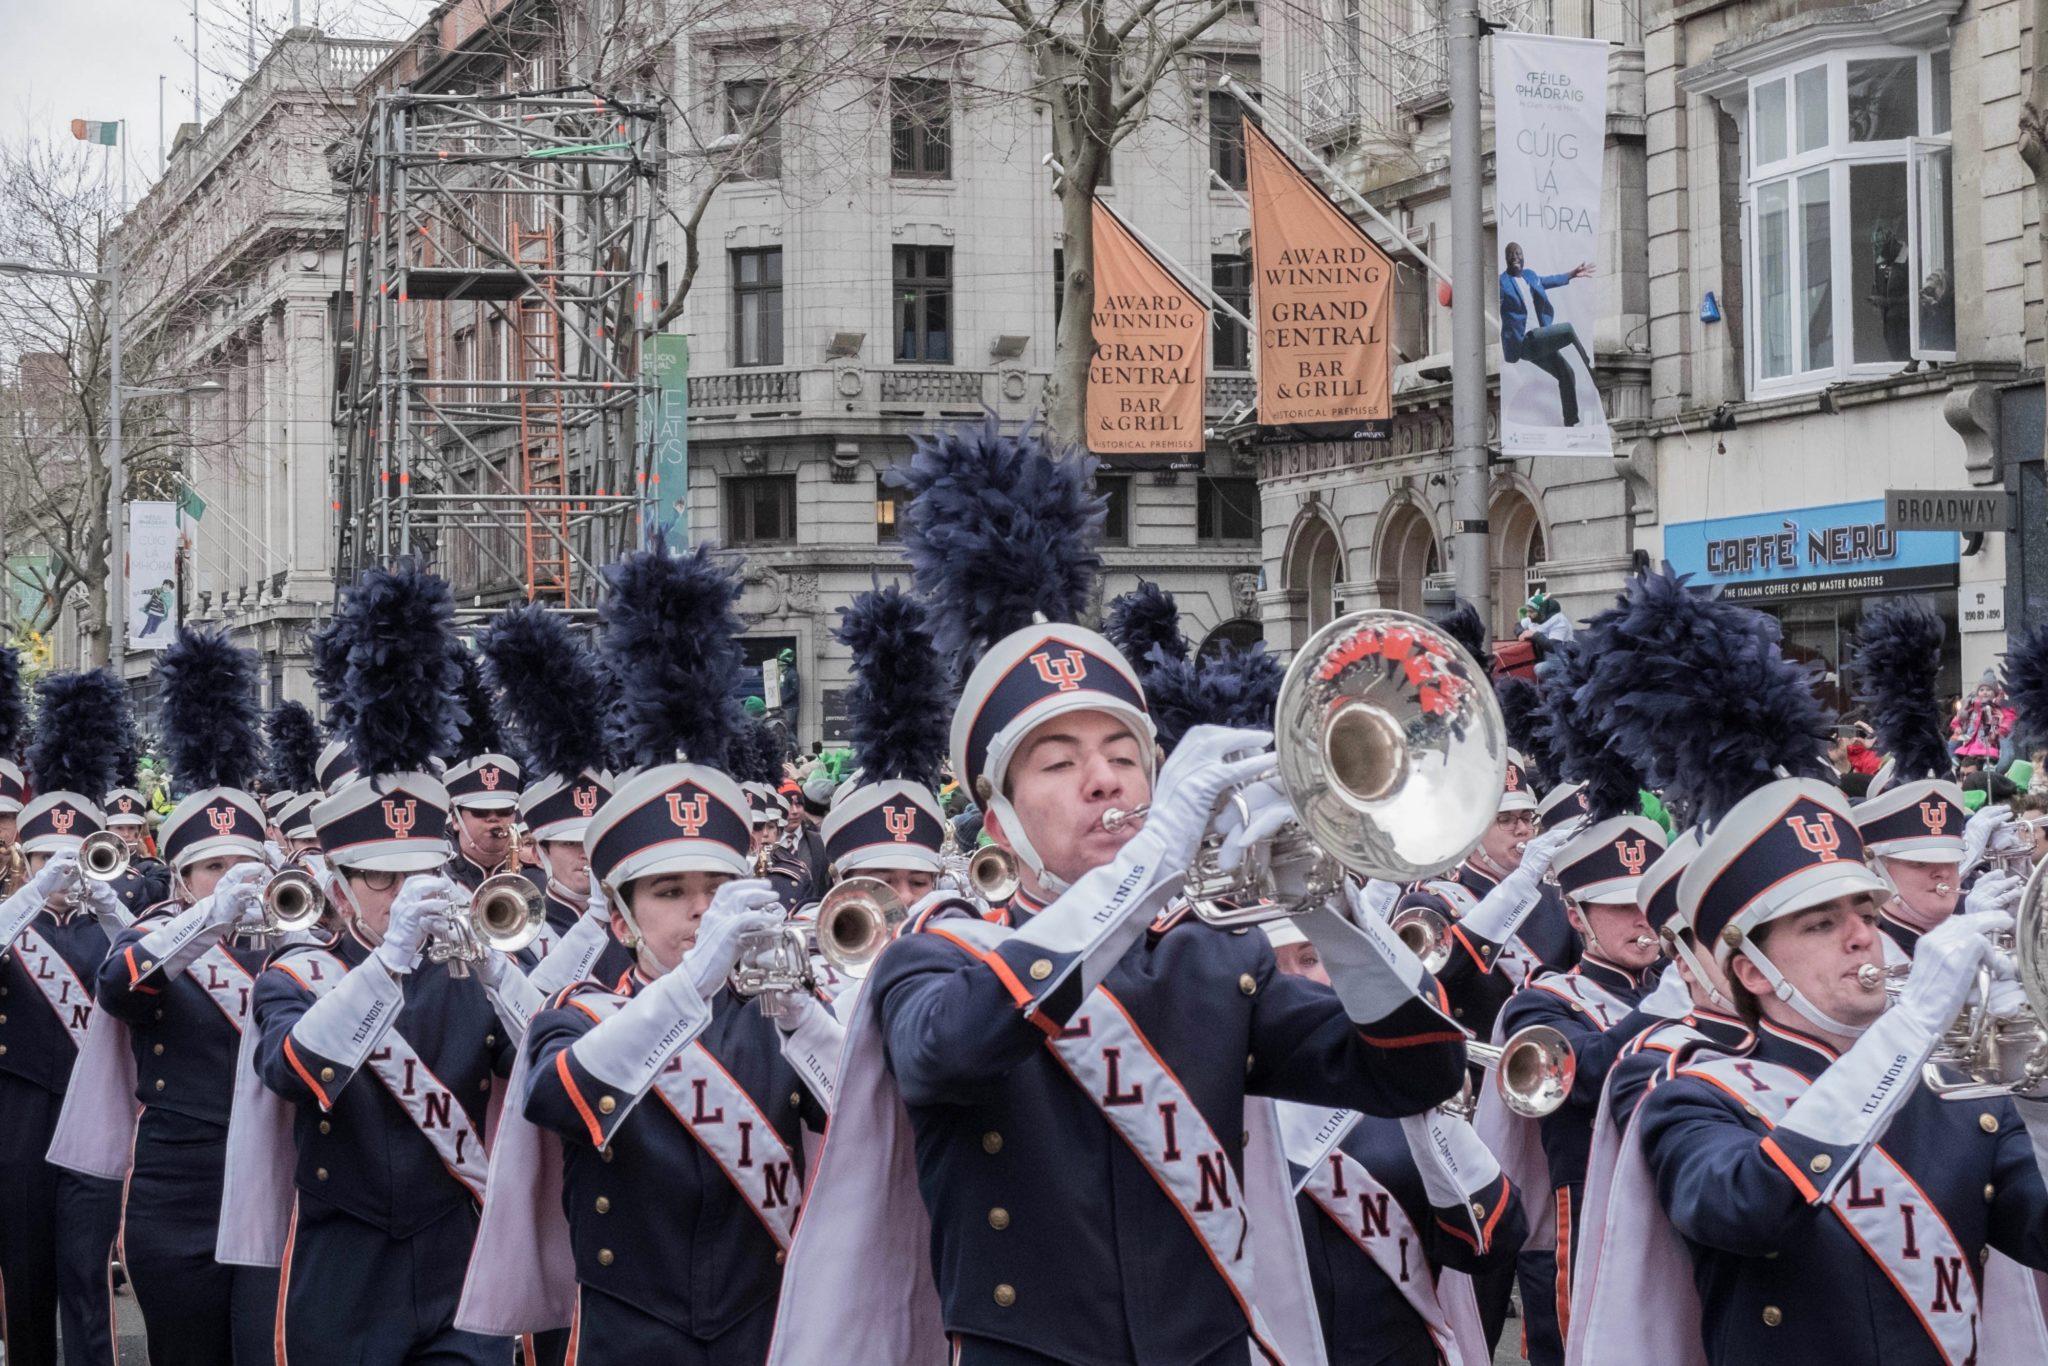 St. Patrick's Day in Dublin: Auch Orchester sind bei der Parade dabei